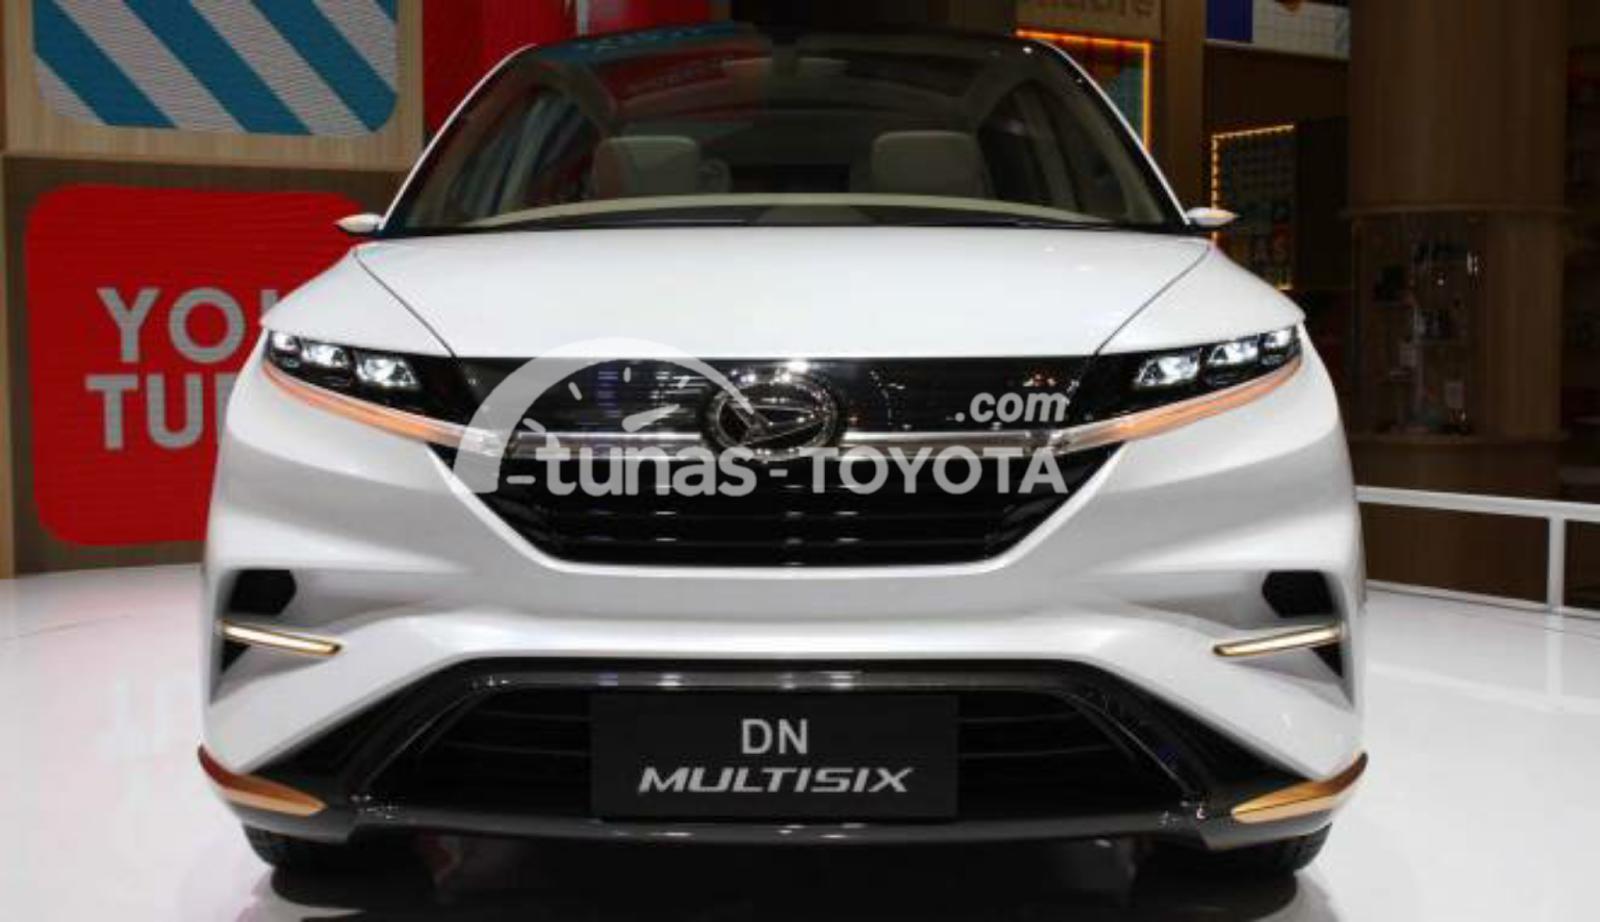 Gambar mobil Toyota Avanza 2018 berwarna putih dilihat dari bagian depan sedang parkir di dalam pameran mobil